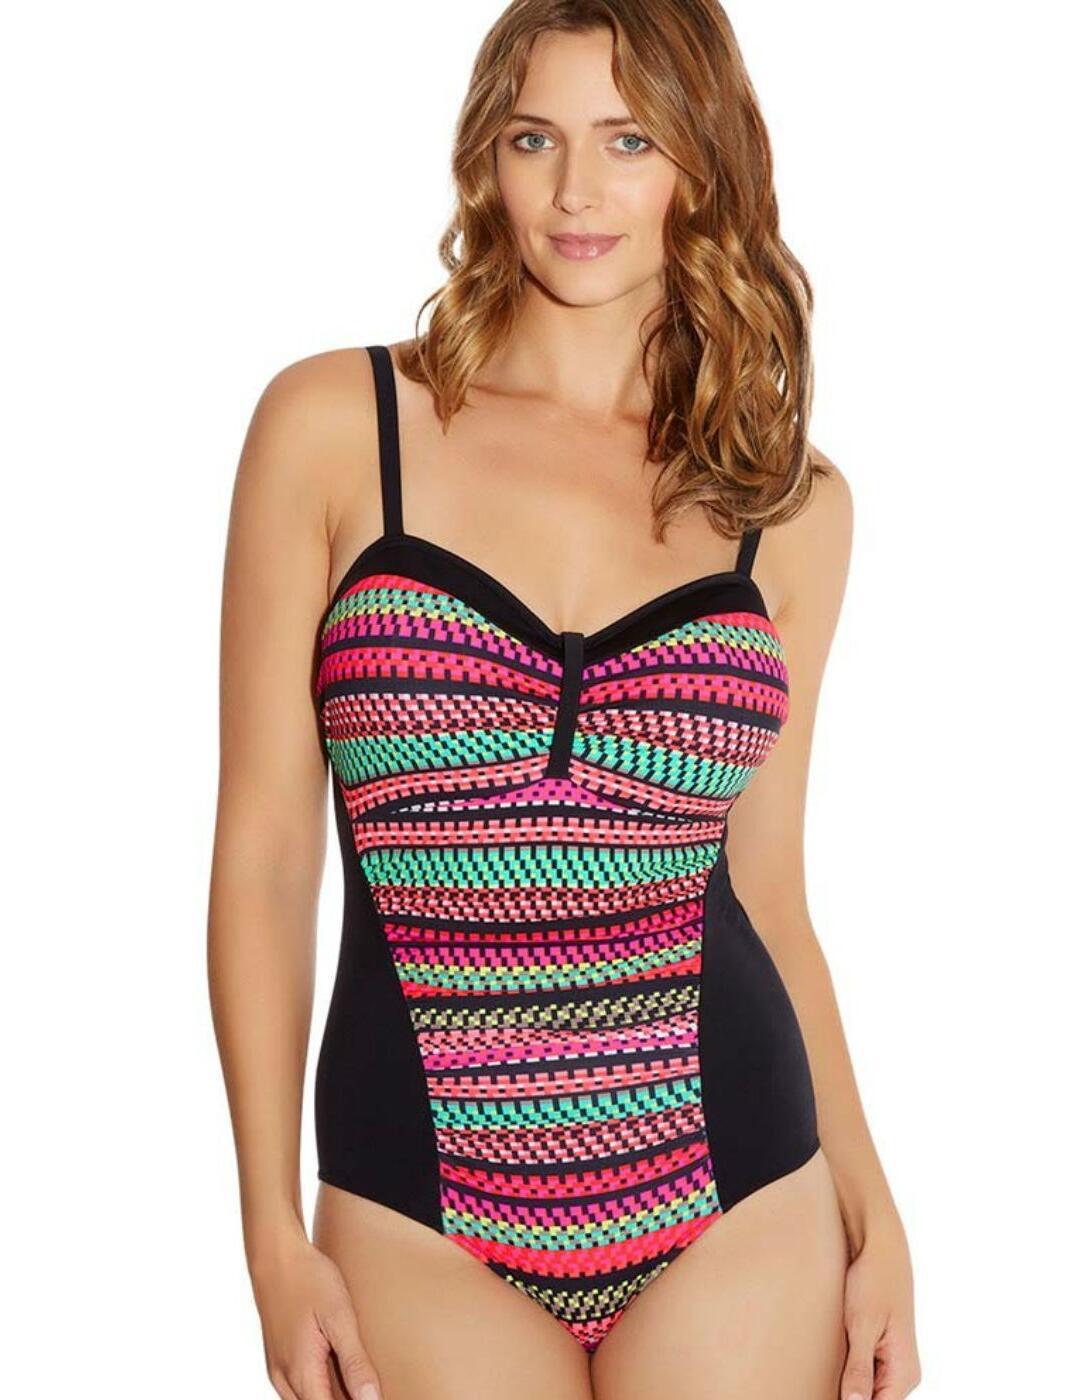 6087 Fantasie Paphos Gathered Swimsuit Paradise - 6087 Swimsuit